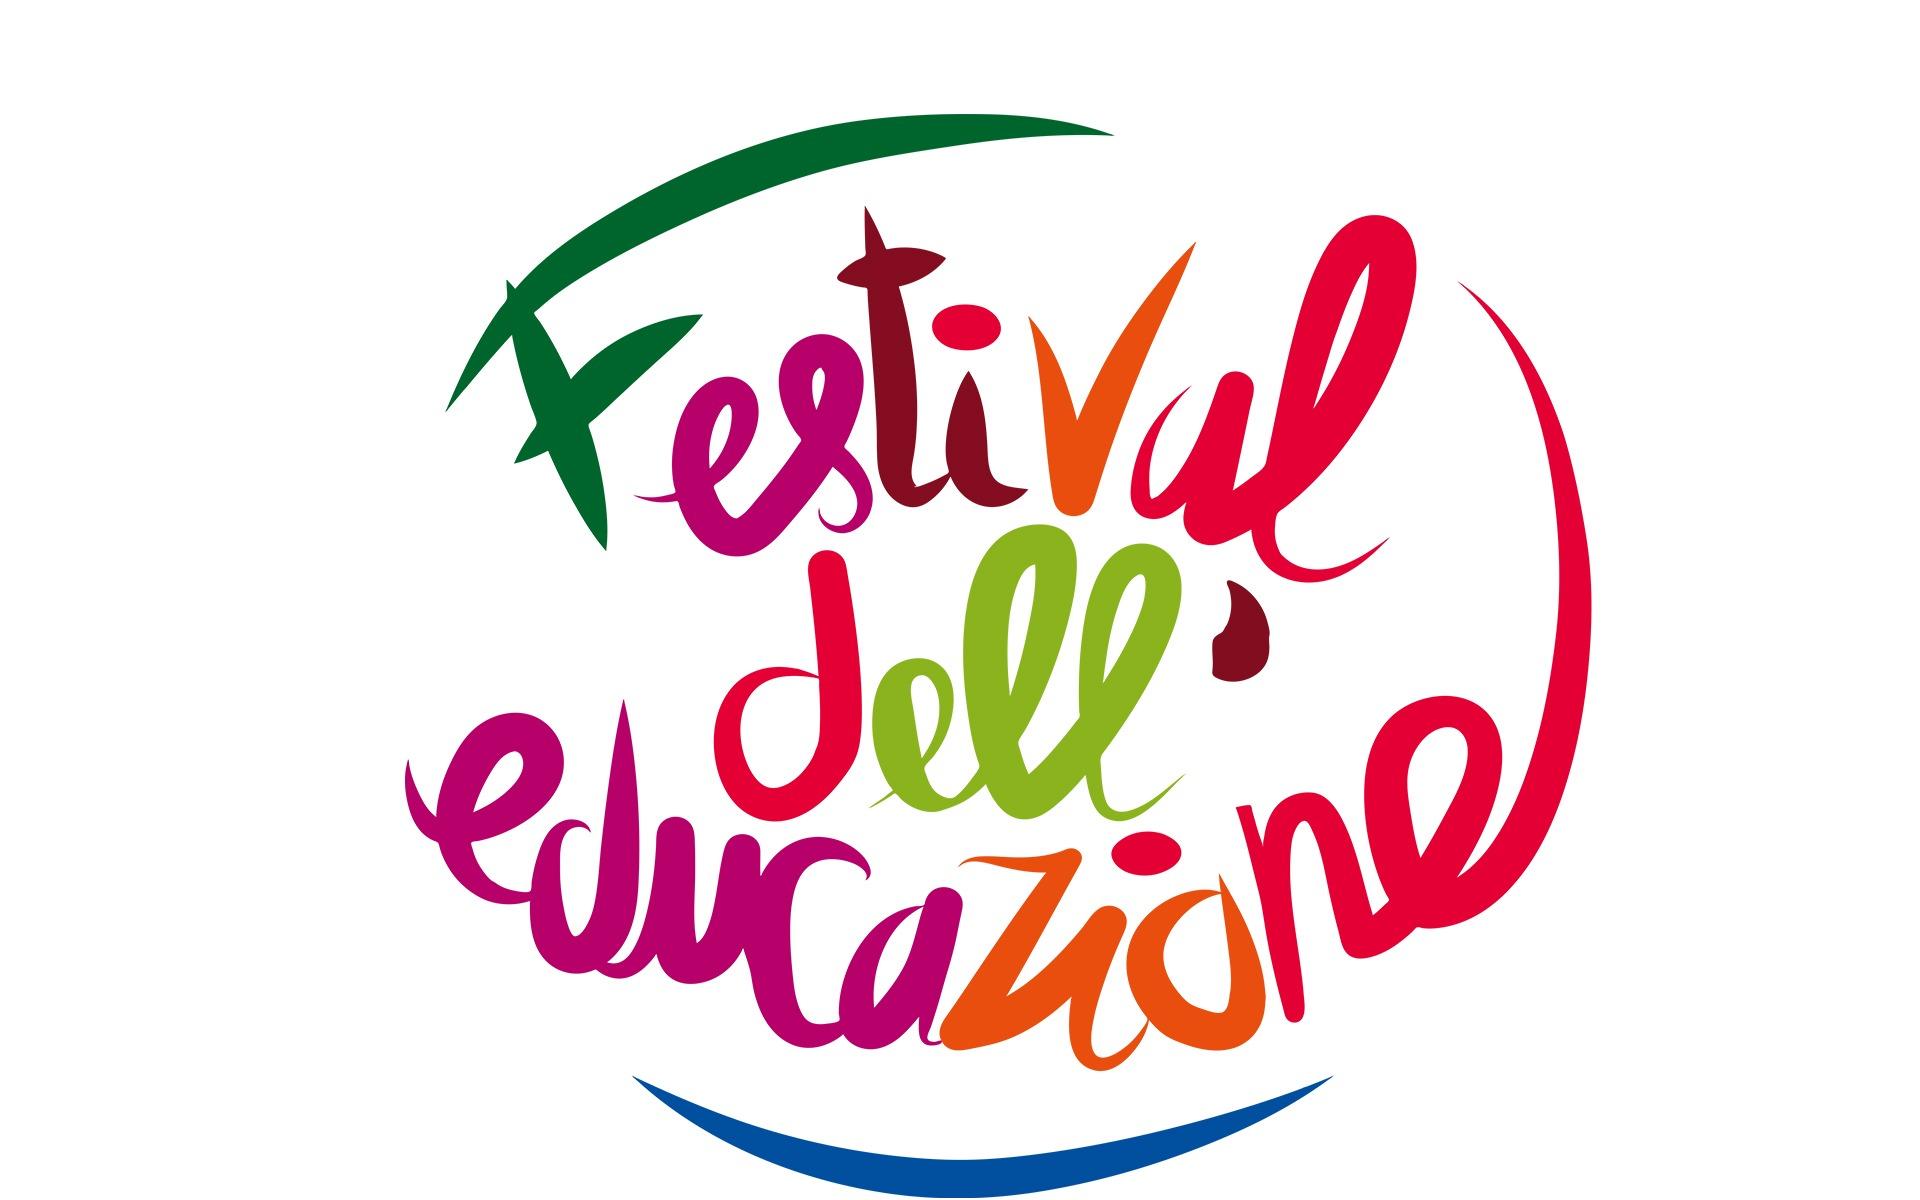 Festival dell educazione